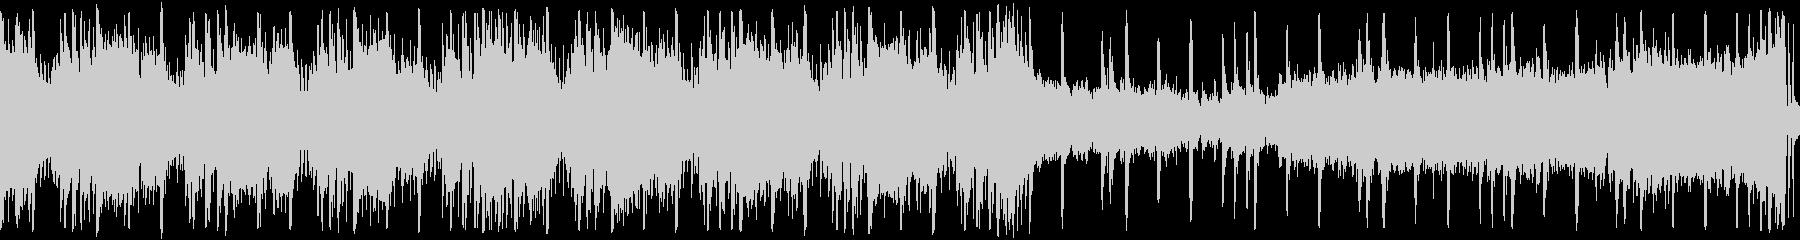 【ループ/メロなし】迫力ストンプアンセムの未再生の波形